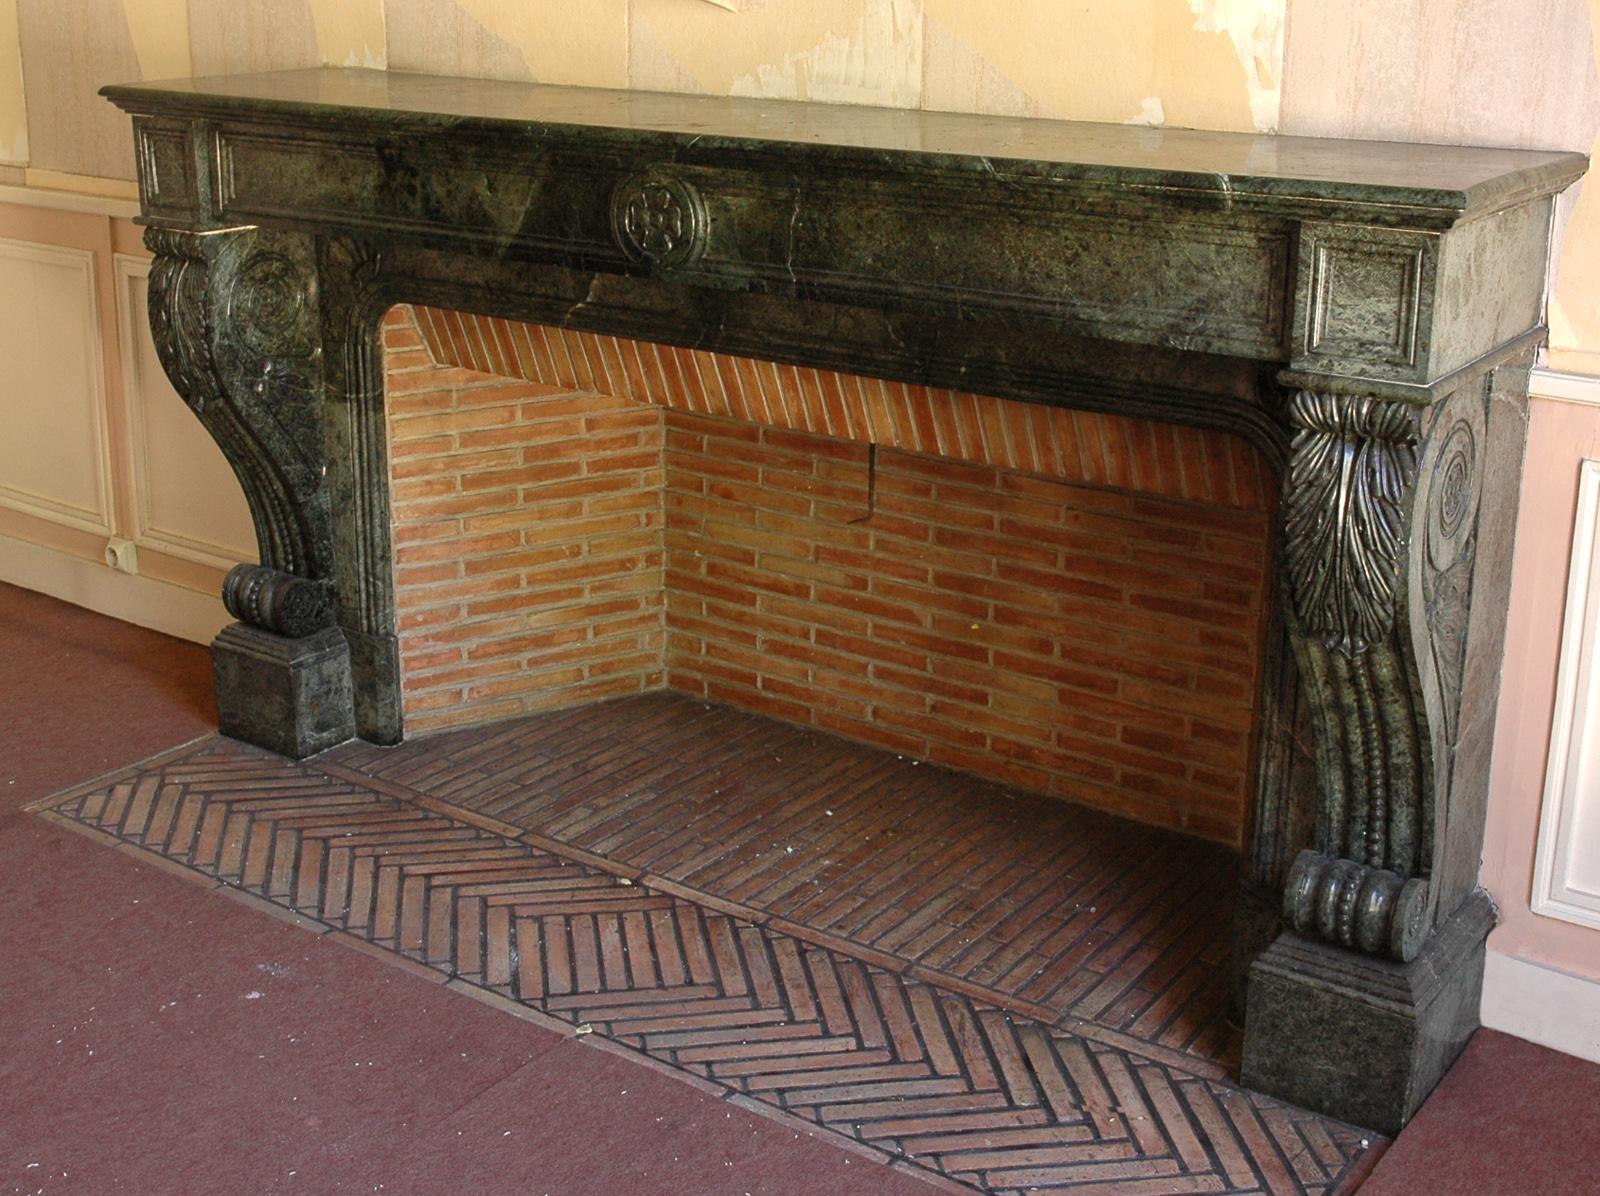 Interieur En Briquettes Refractaires